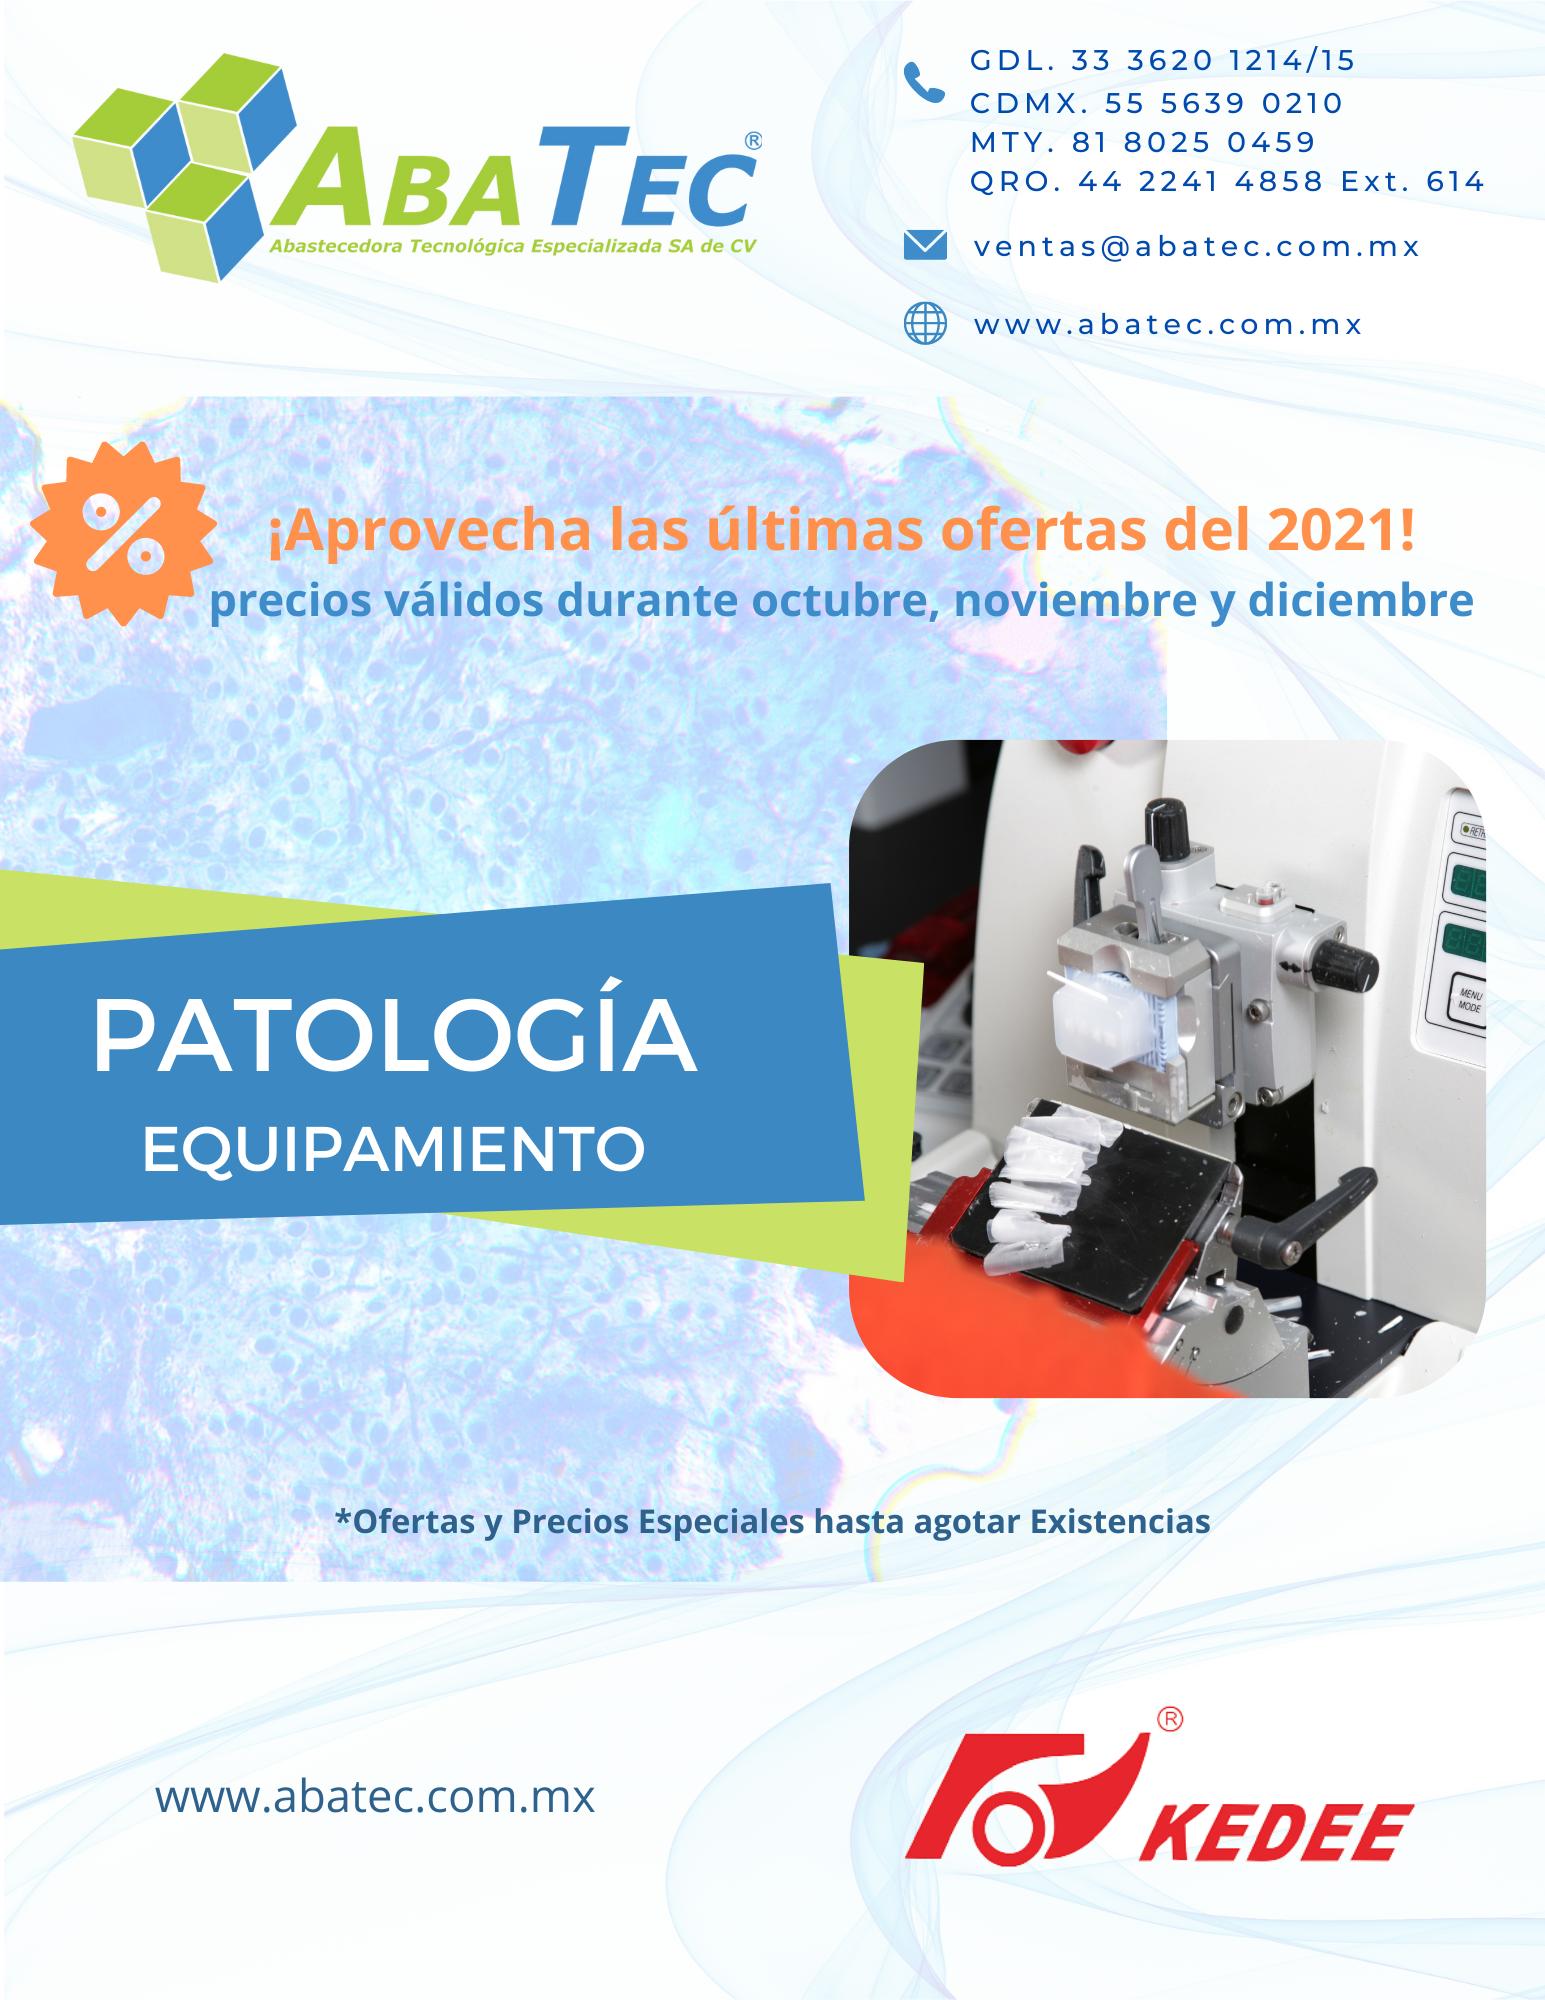 Catálogo de Patología - Ofertas